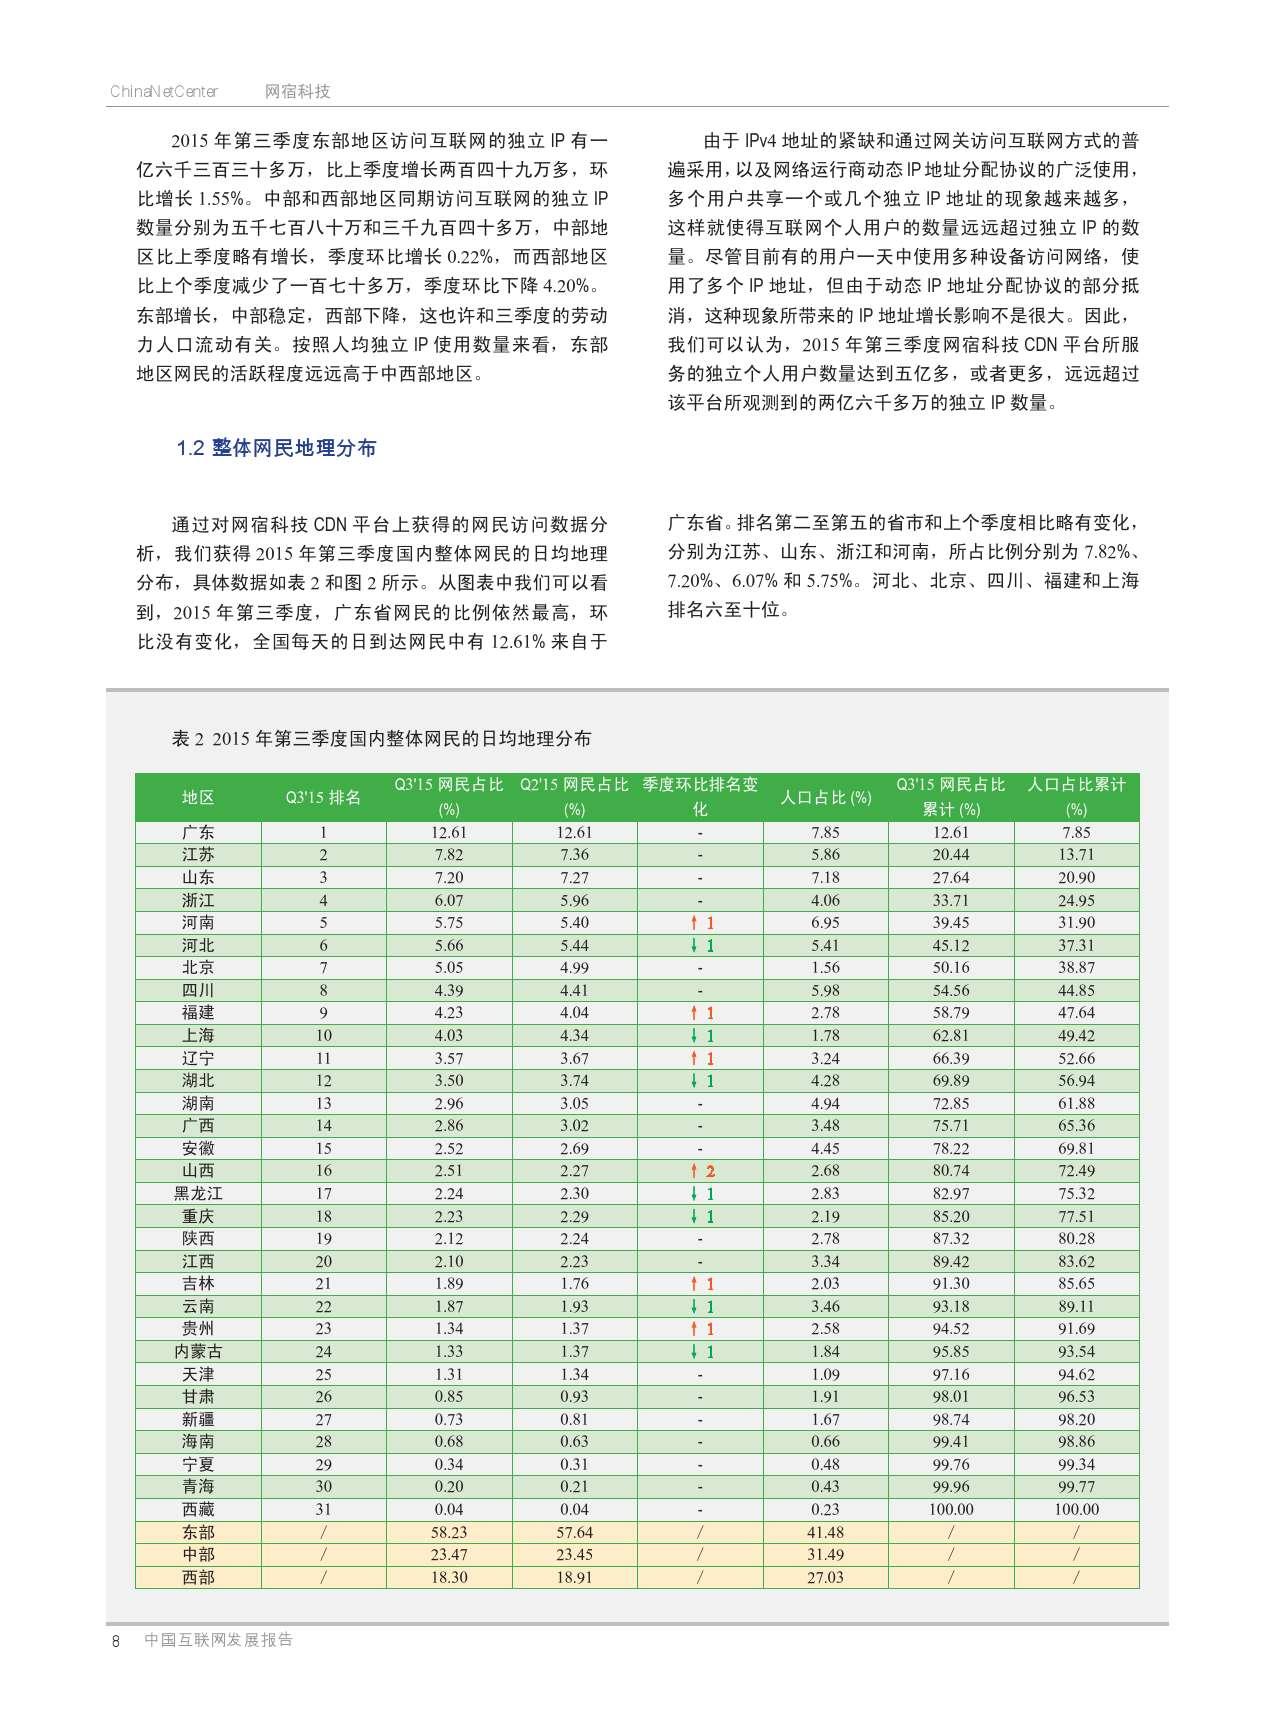 网宿:2015年Q3互联网报告_000007